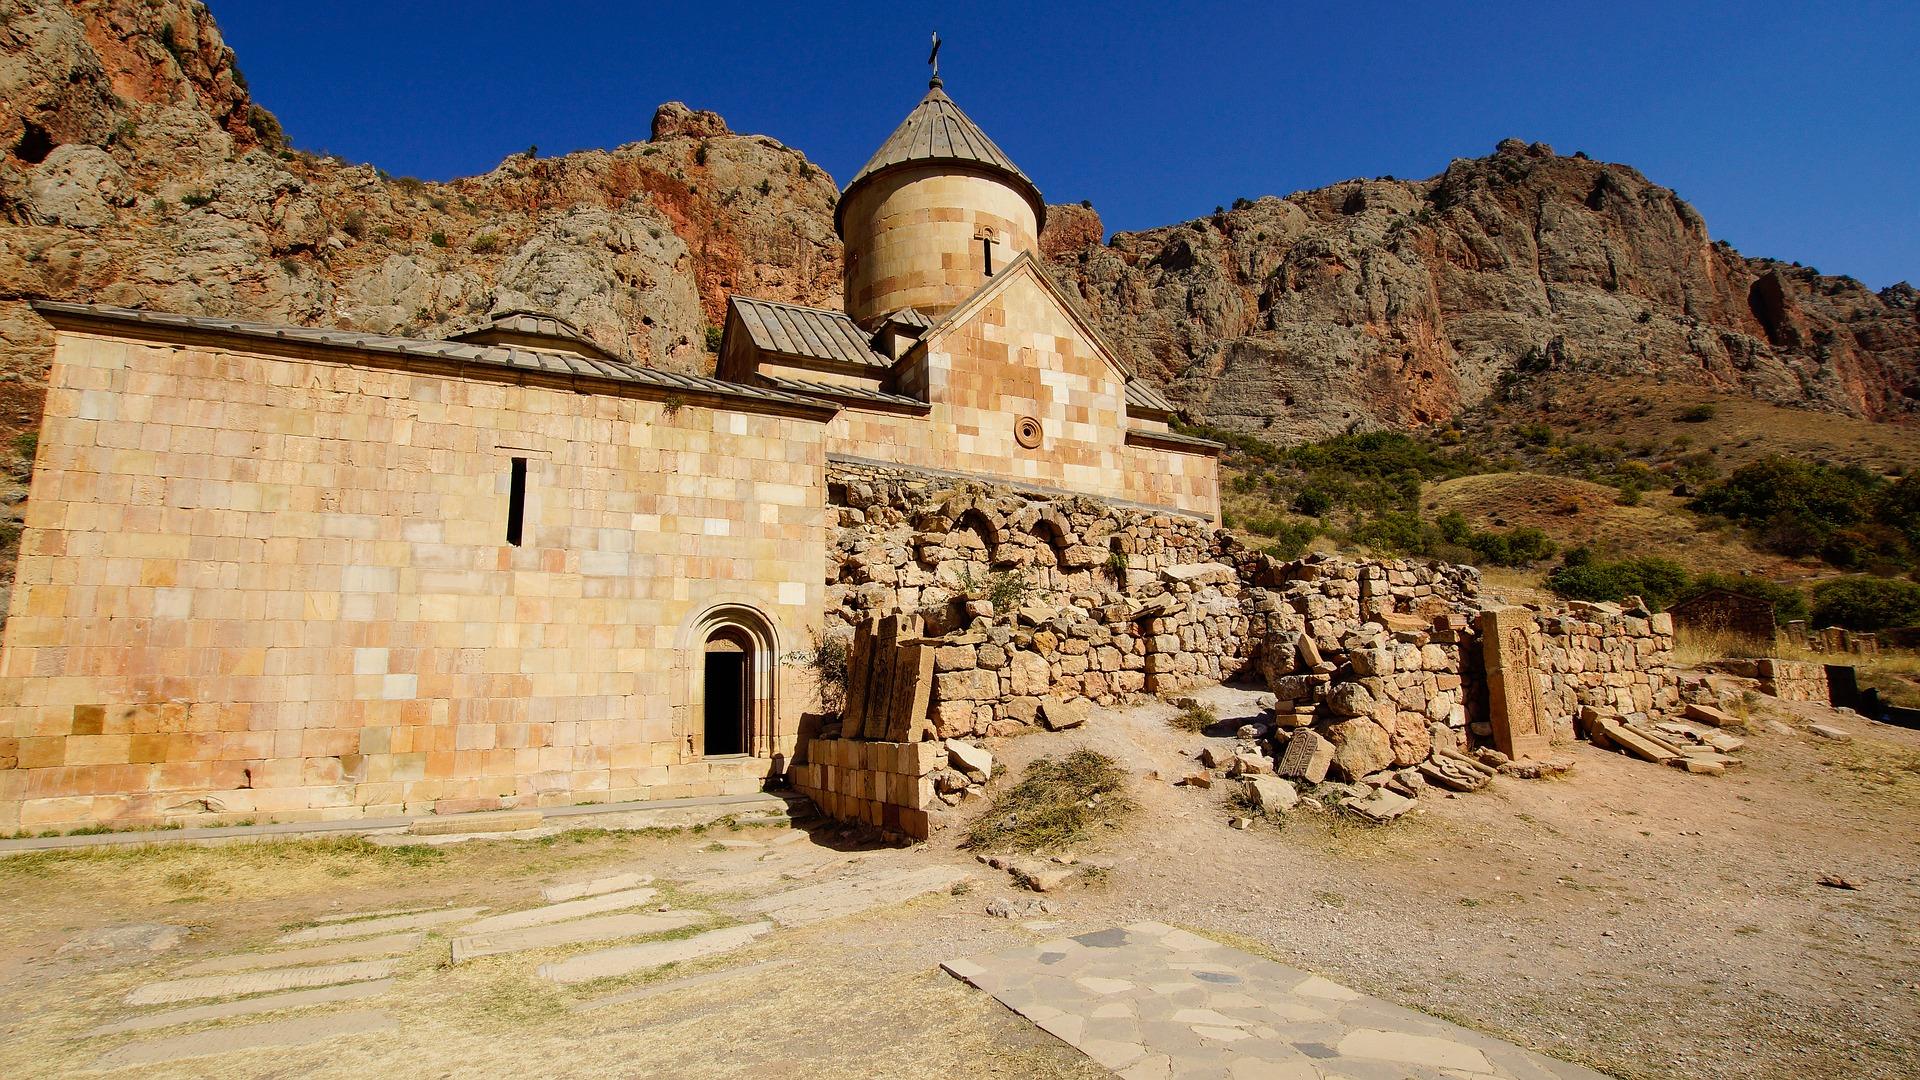 Pâques en Arménie : nature fascinante et hauts lieux d'ancienne culture chrétienne